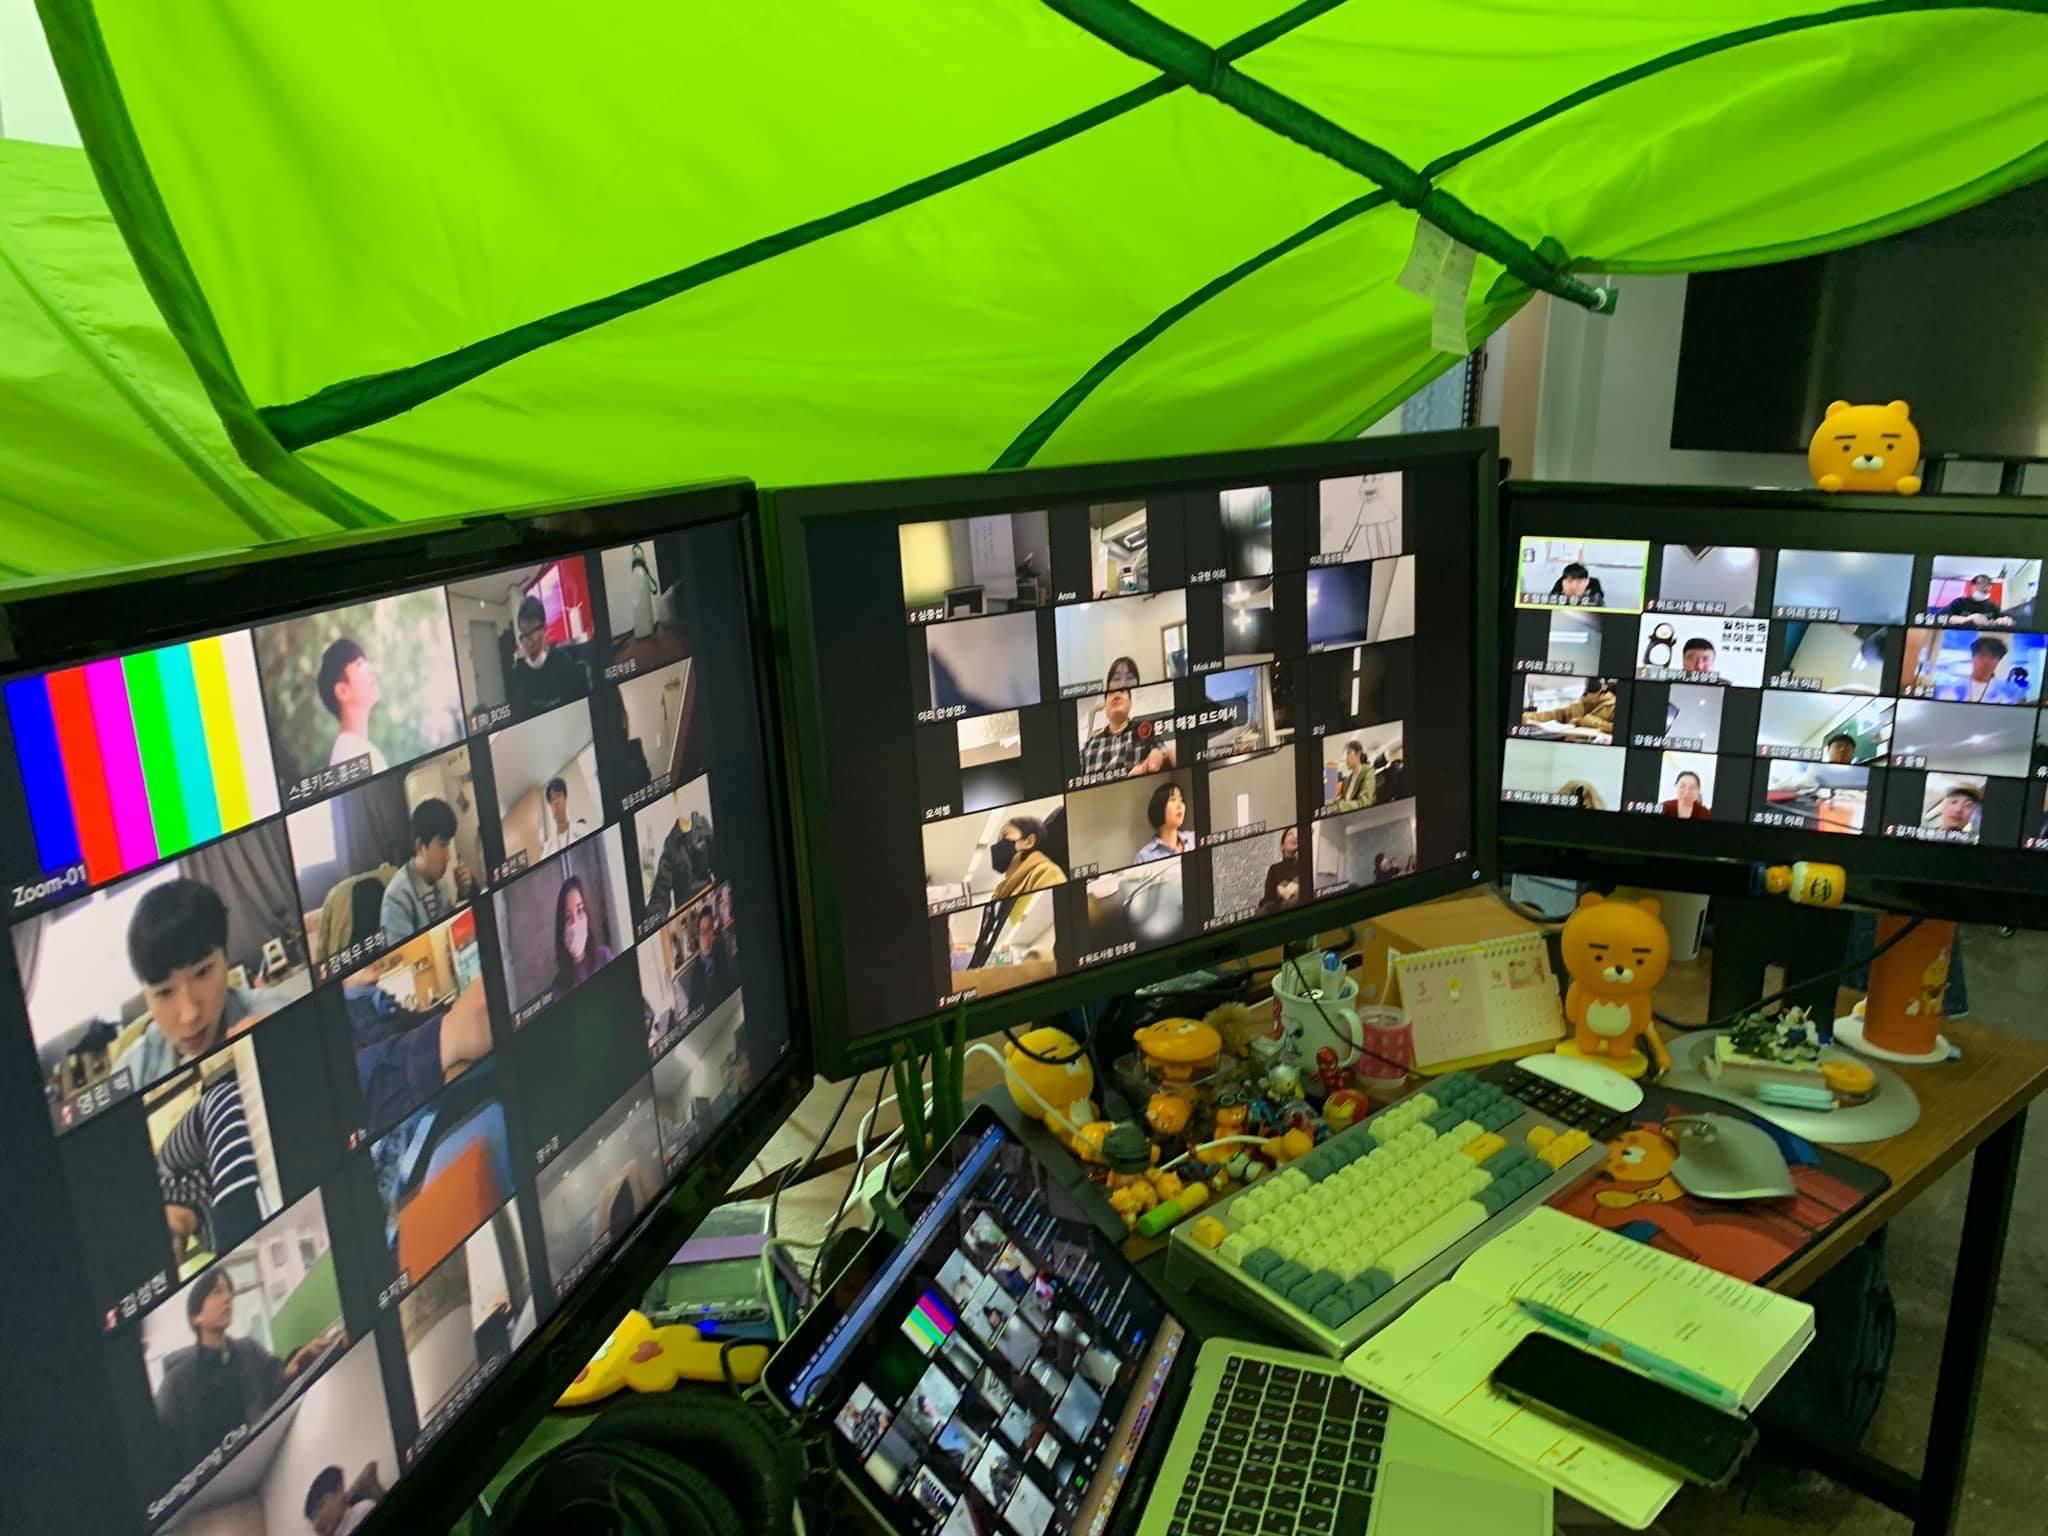 '100개의 화면, 100명의 이야기 전환문화상상 라운드테이블'연습(좌)과 실제 진행(우)